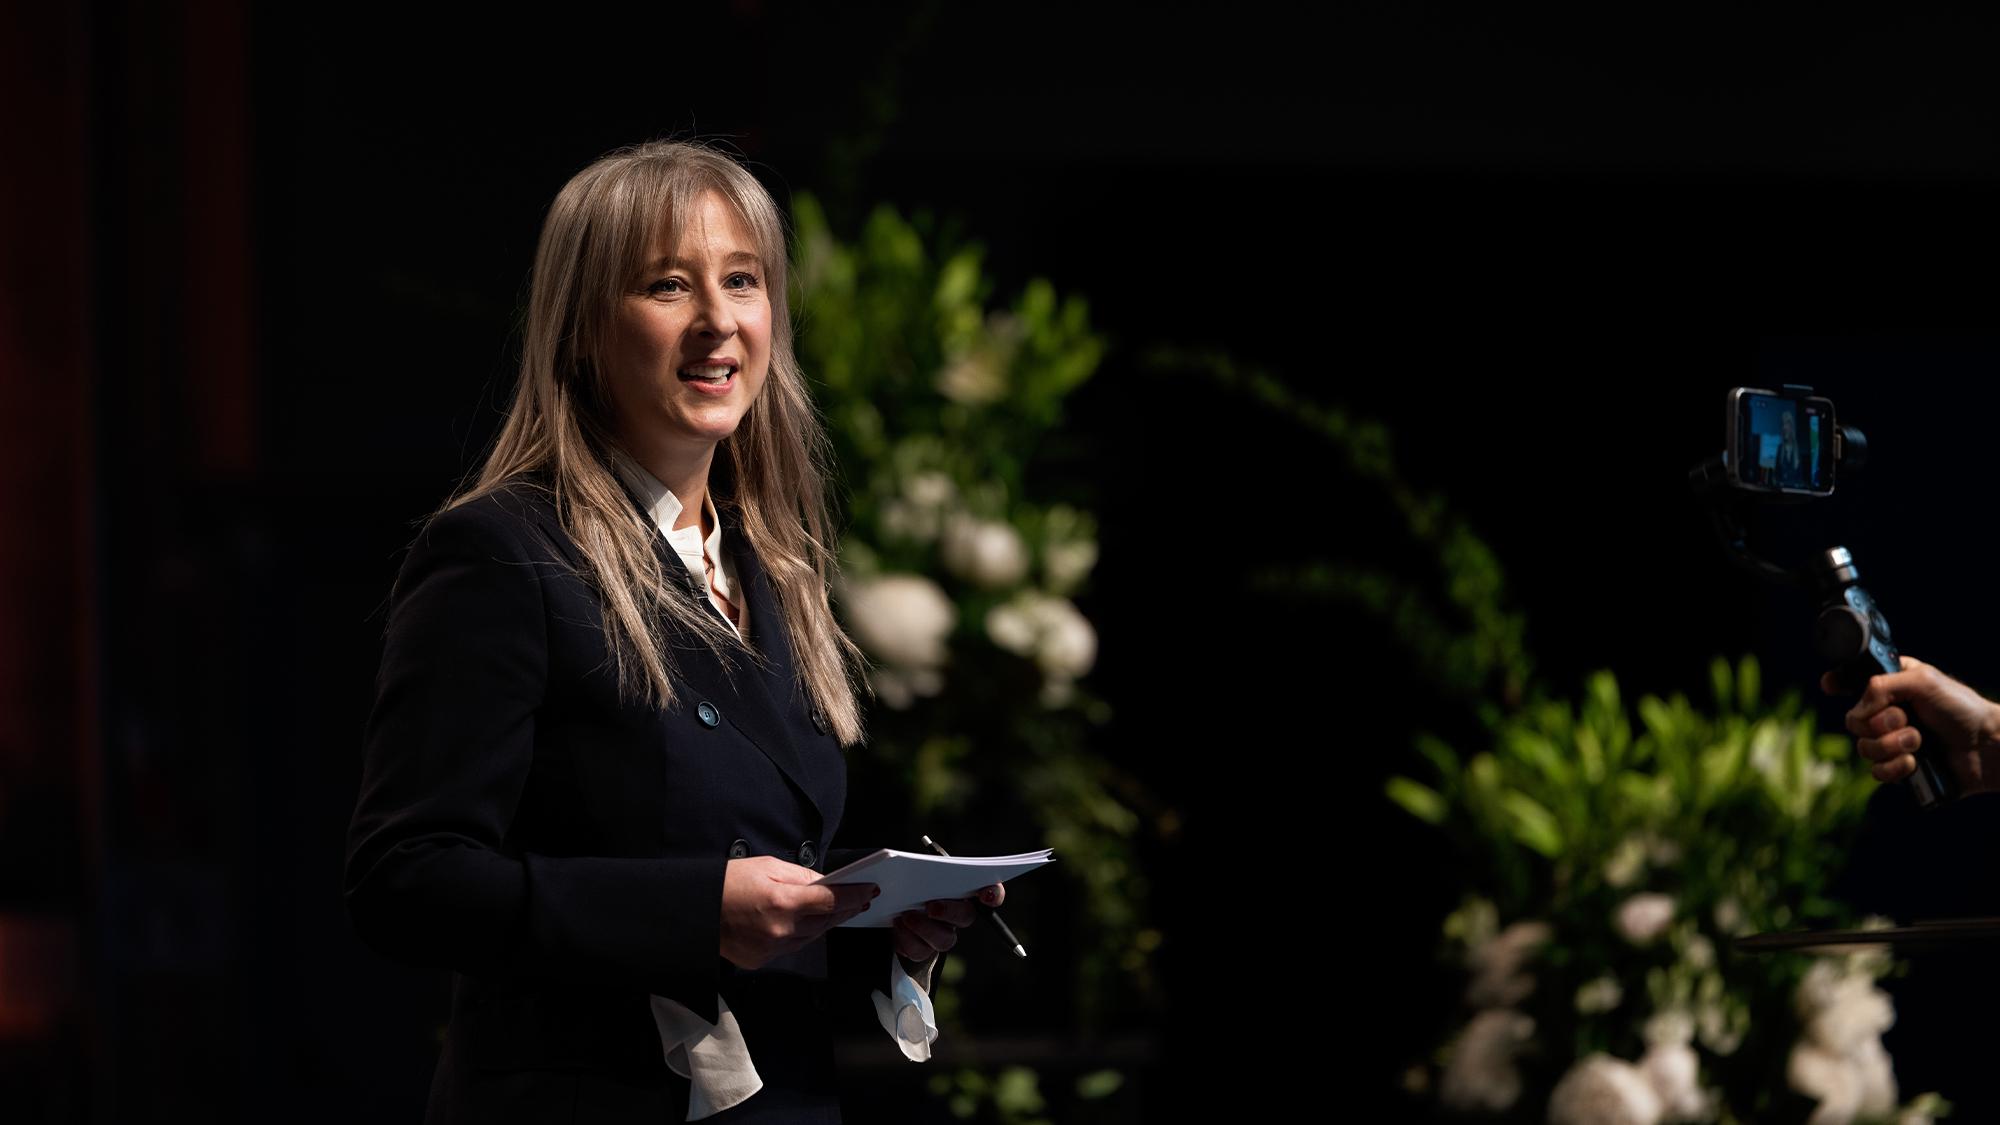 Odilia Hiller am EcoOst St.Gallen Symposium 2021